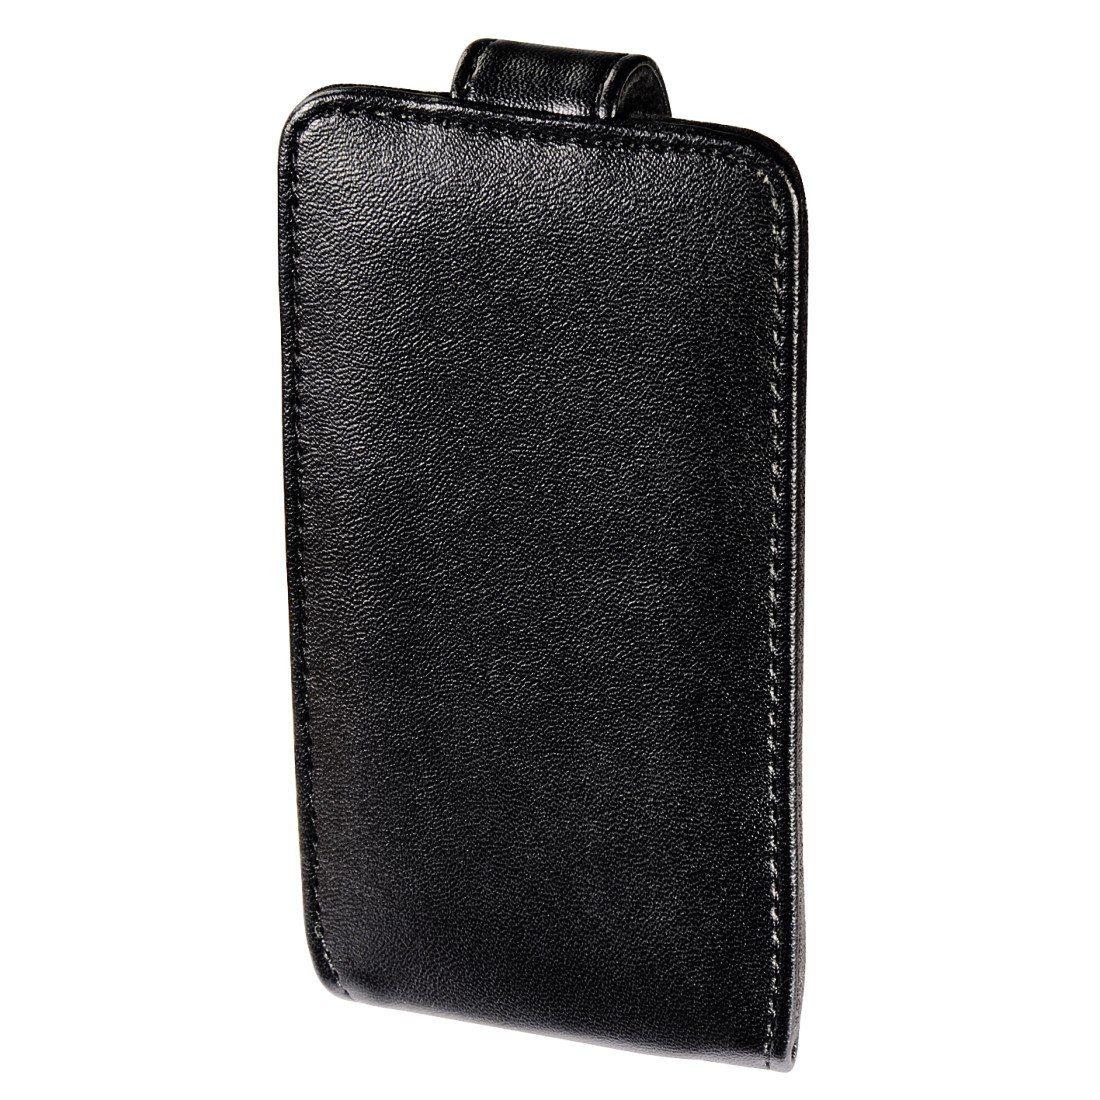 Hama MP3-Fenstertasche Flip Case für iPod touch 5G/6G, Schwarz